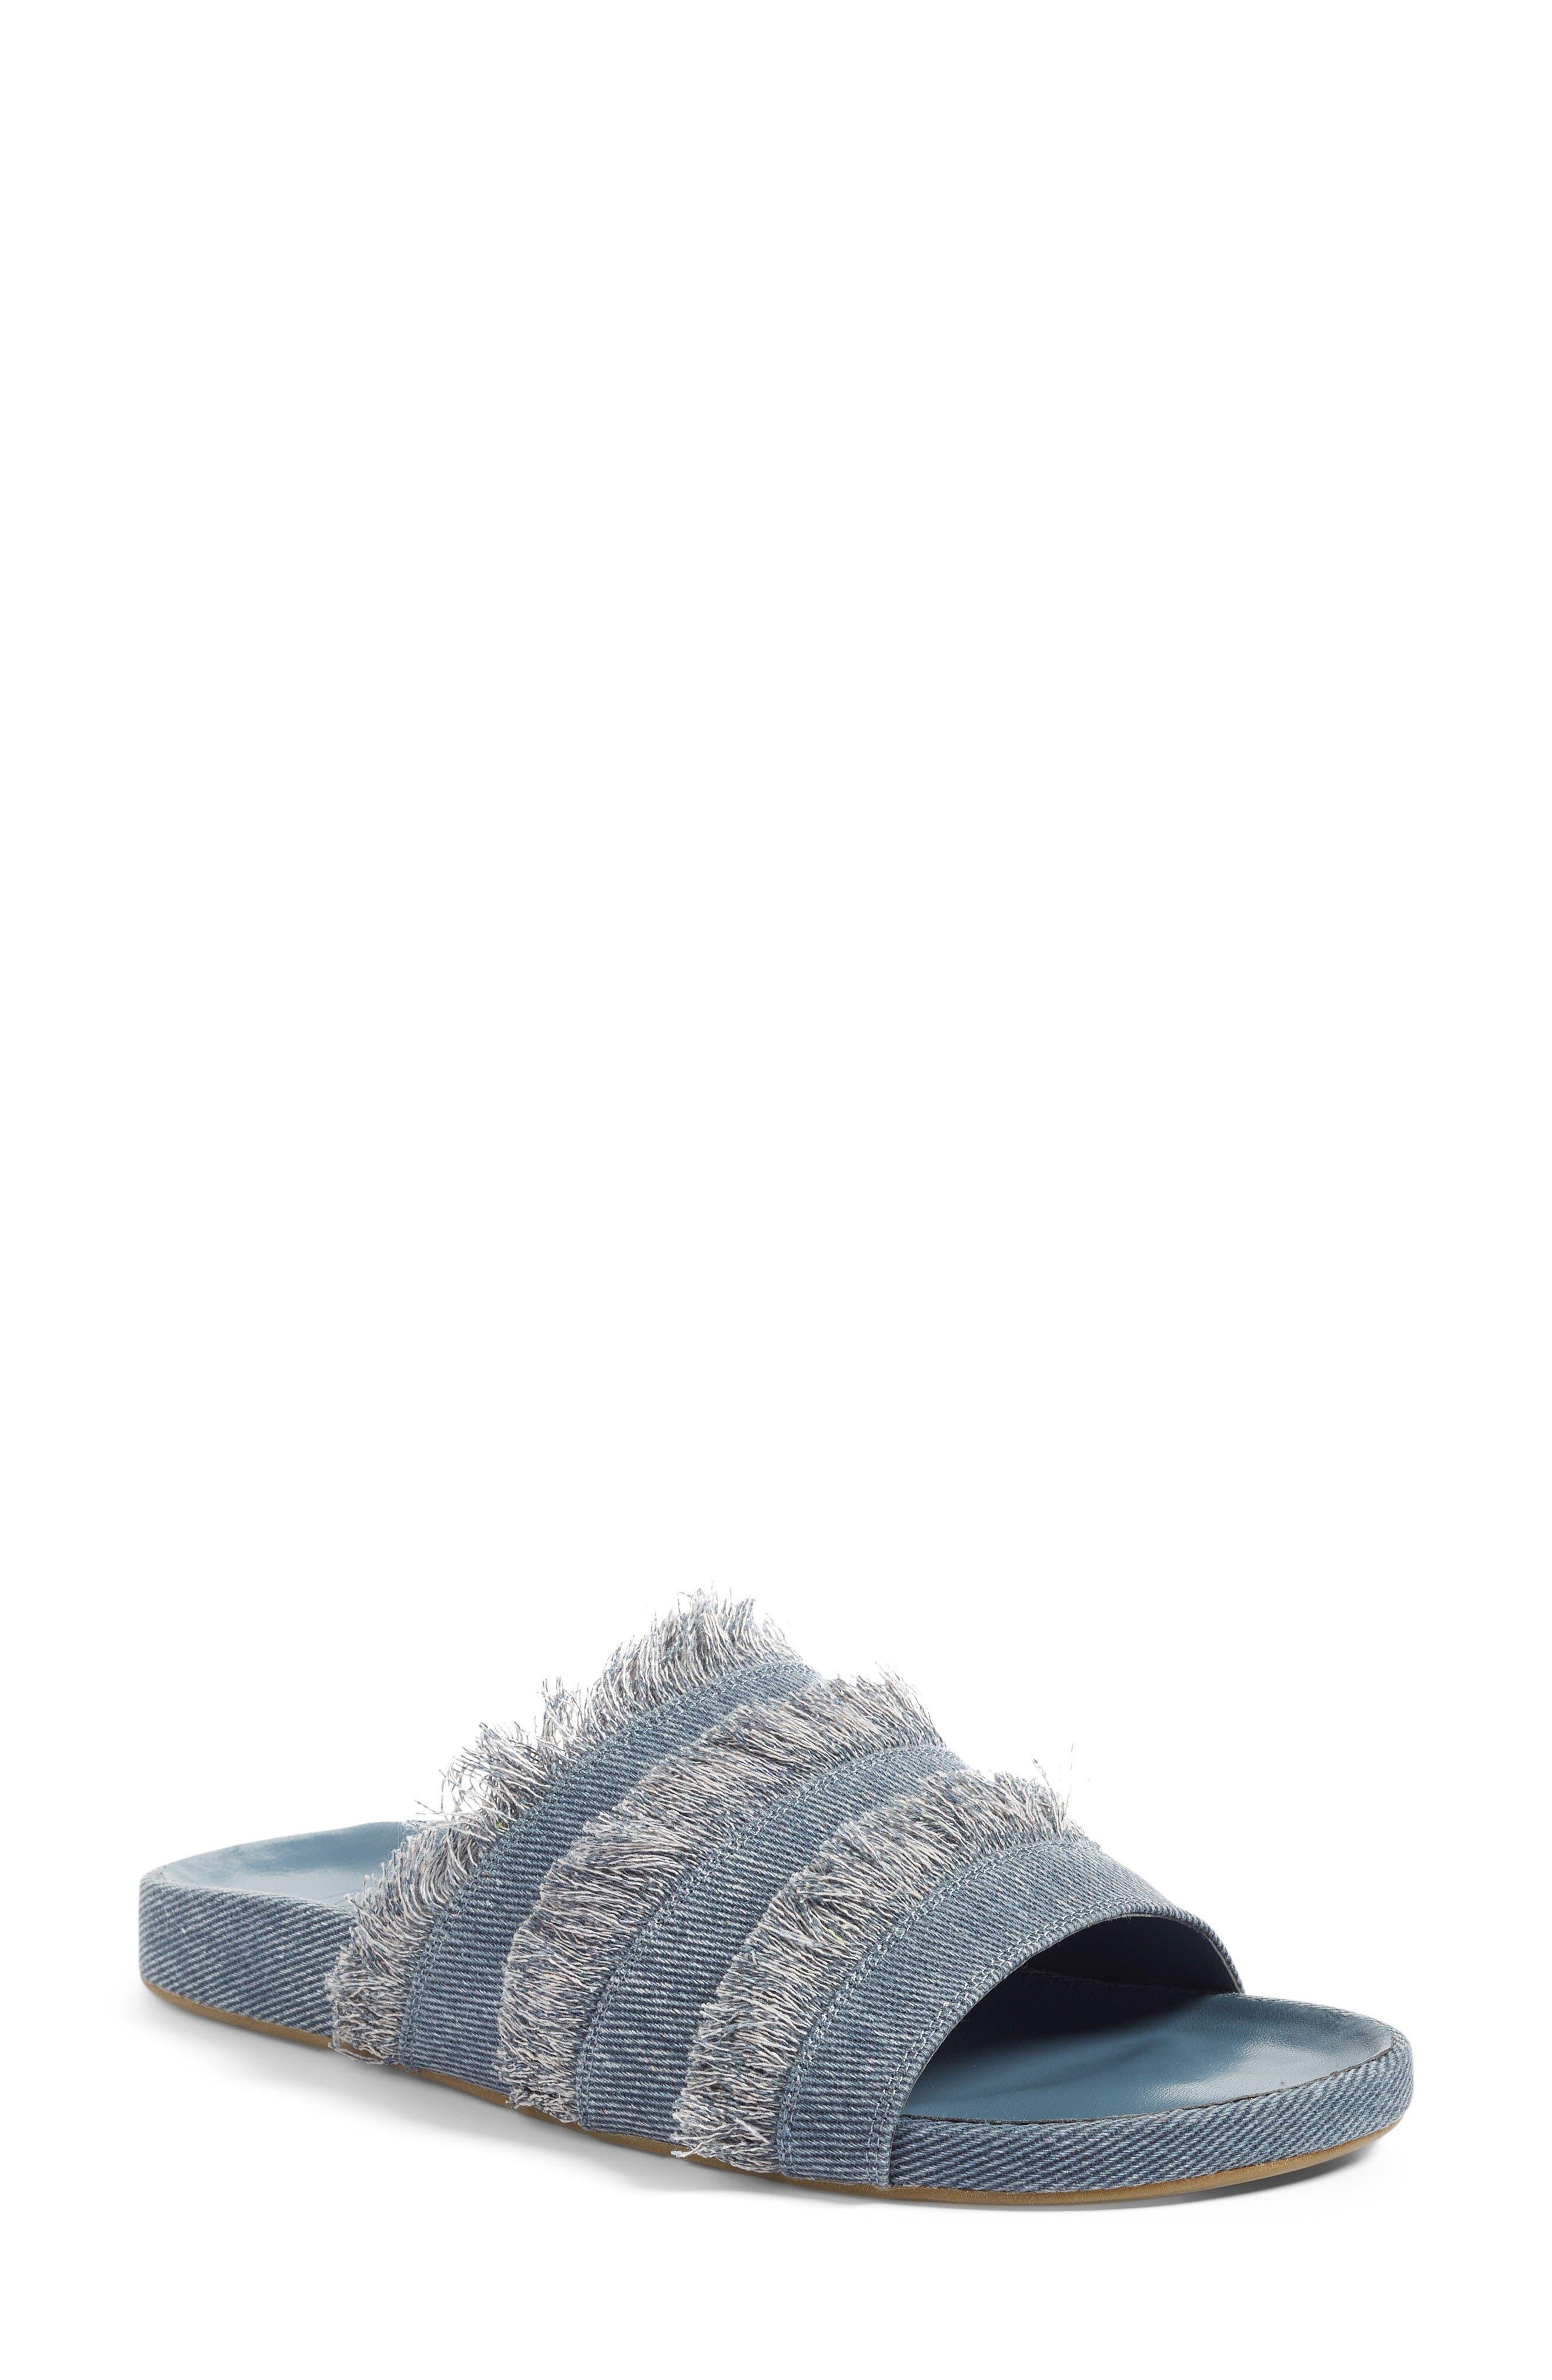 Jaden Slide Sandal,                             Main thumbnail 1, color,                             Dark Denim